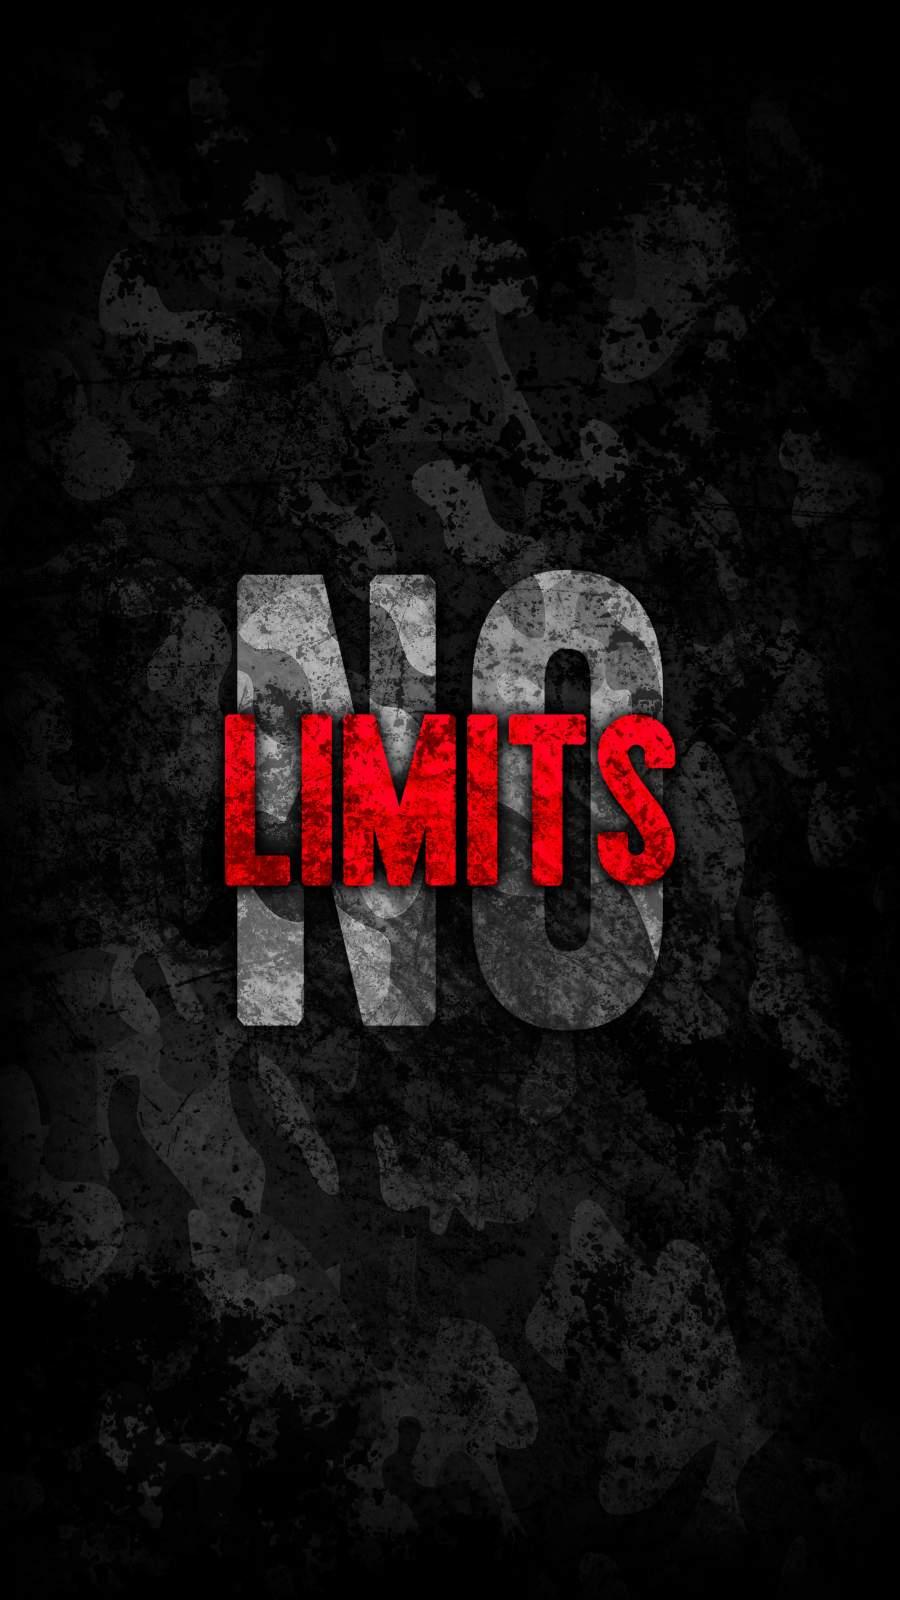 No Limits iPhone Wallpaper